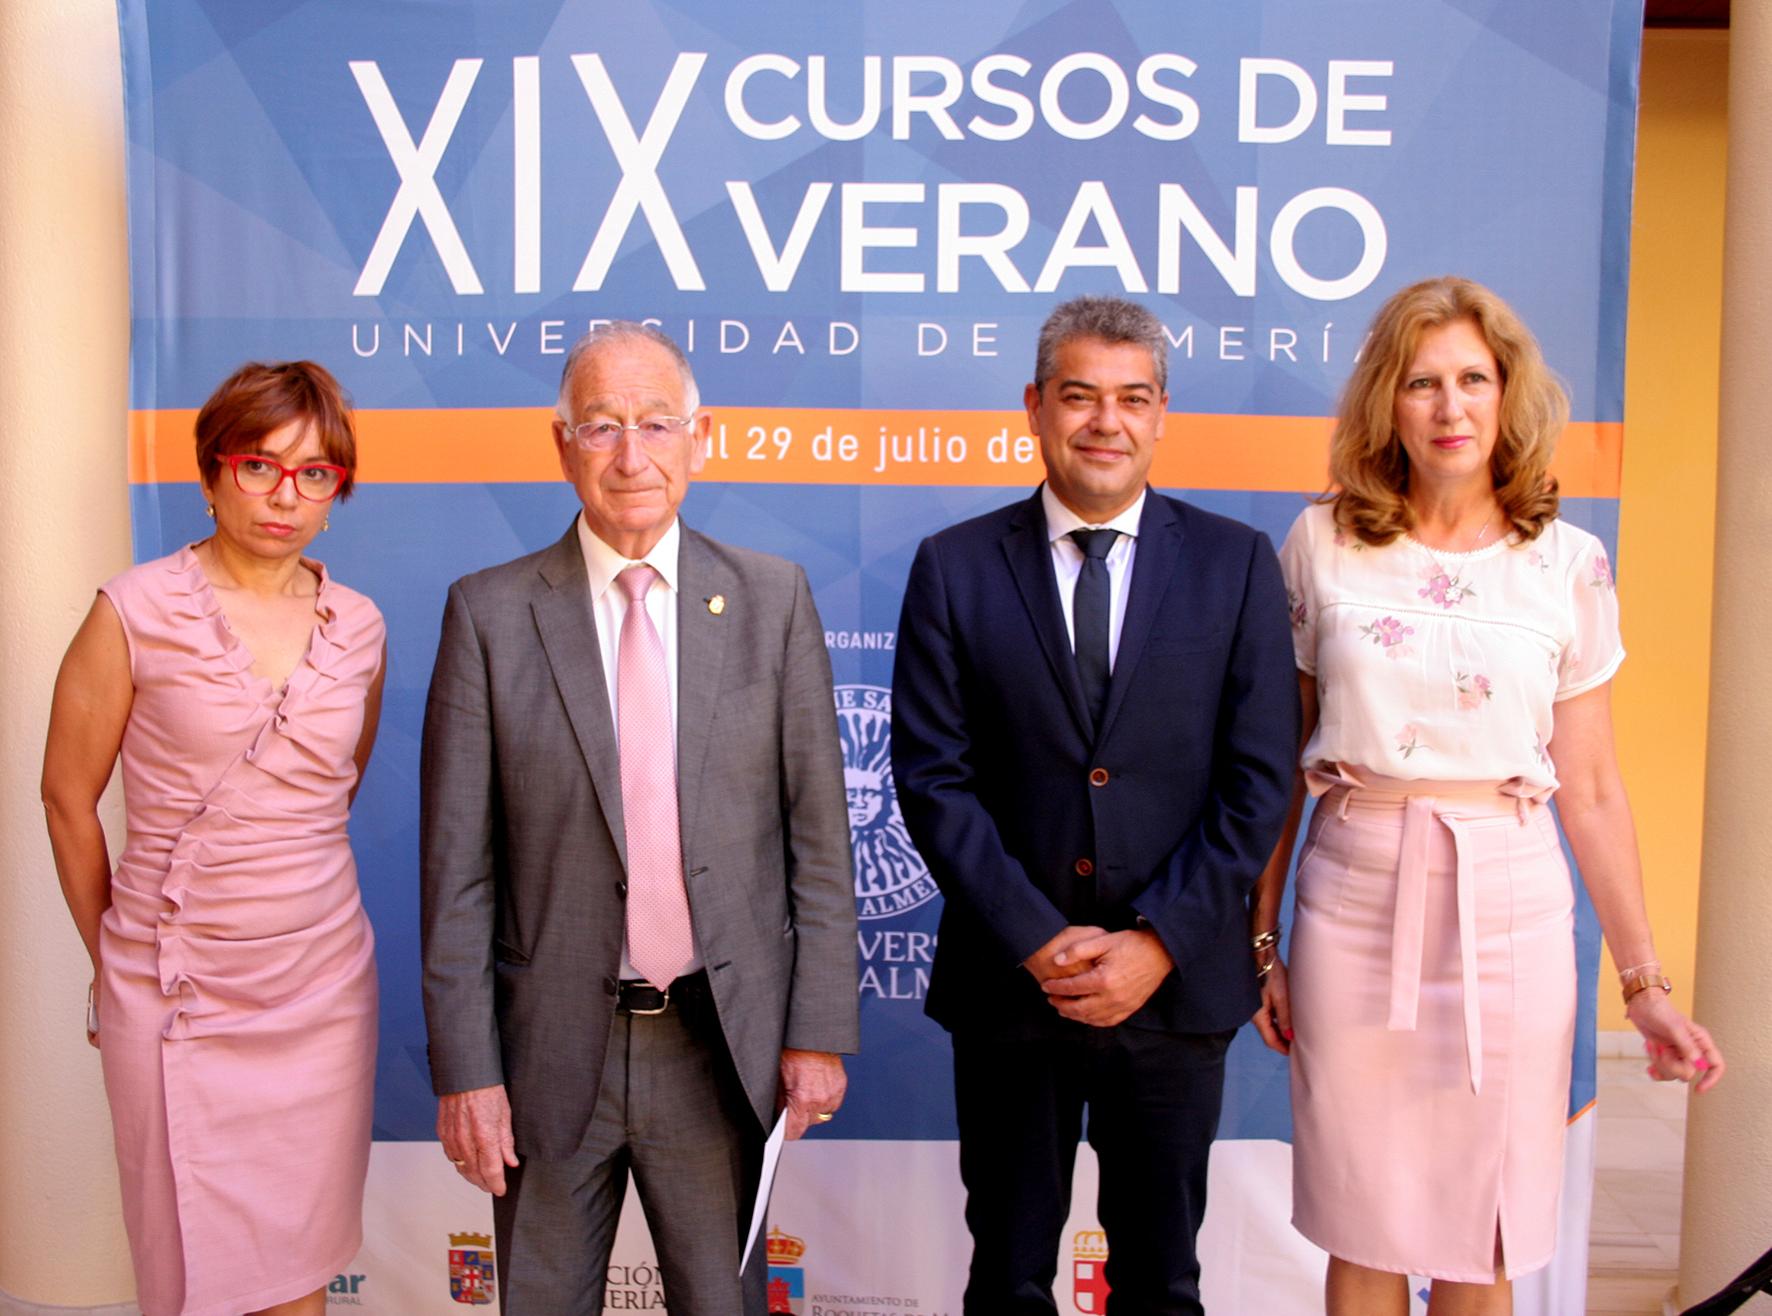 La Xix Cursos De Verano De La Ual Comienza Con Fuerza En La Sede De Roquetas De Mar Ualnews